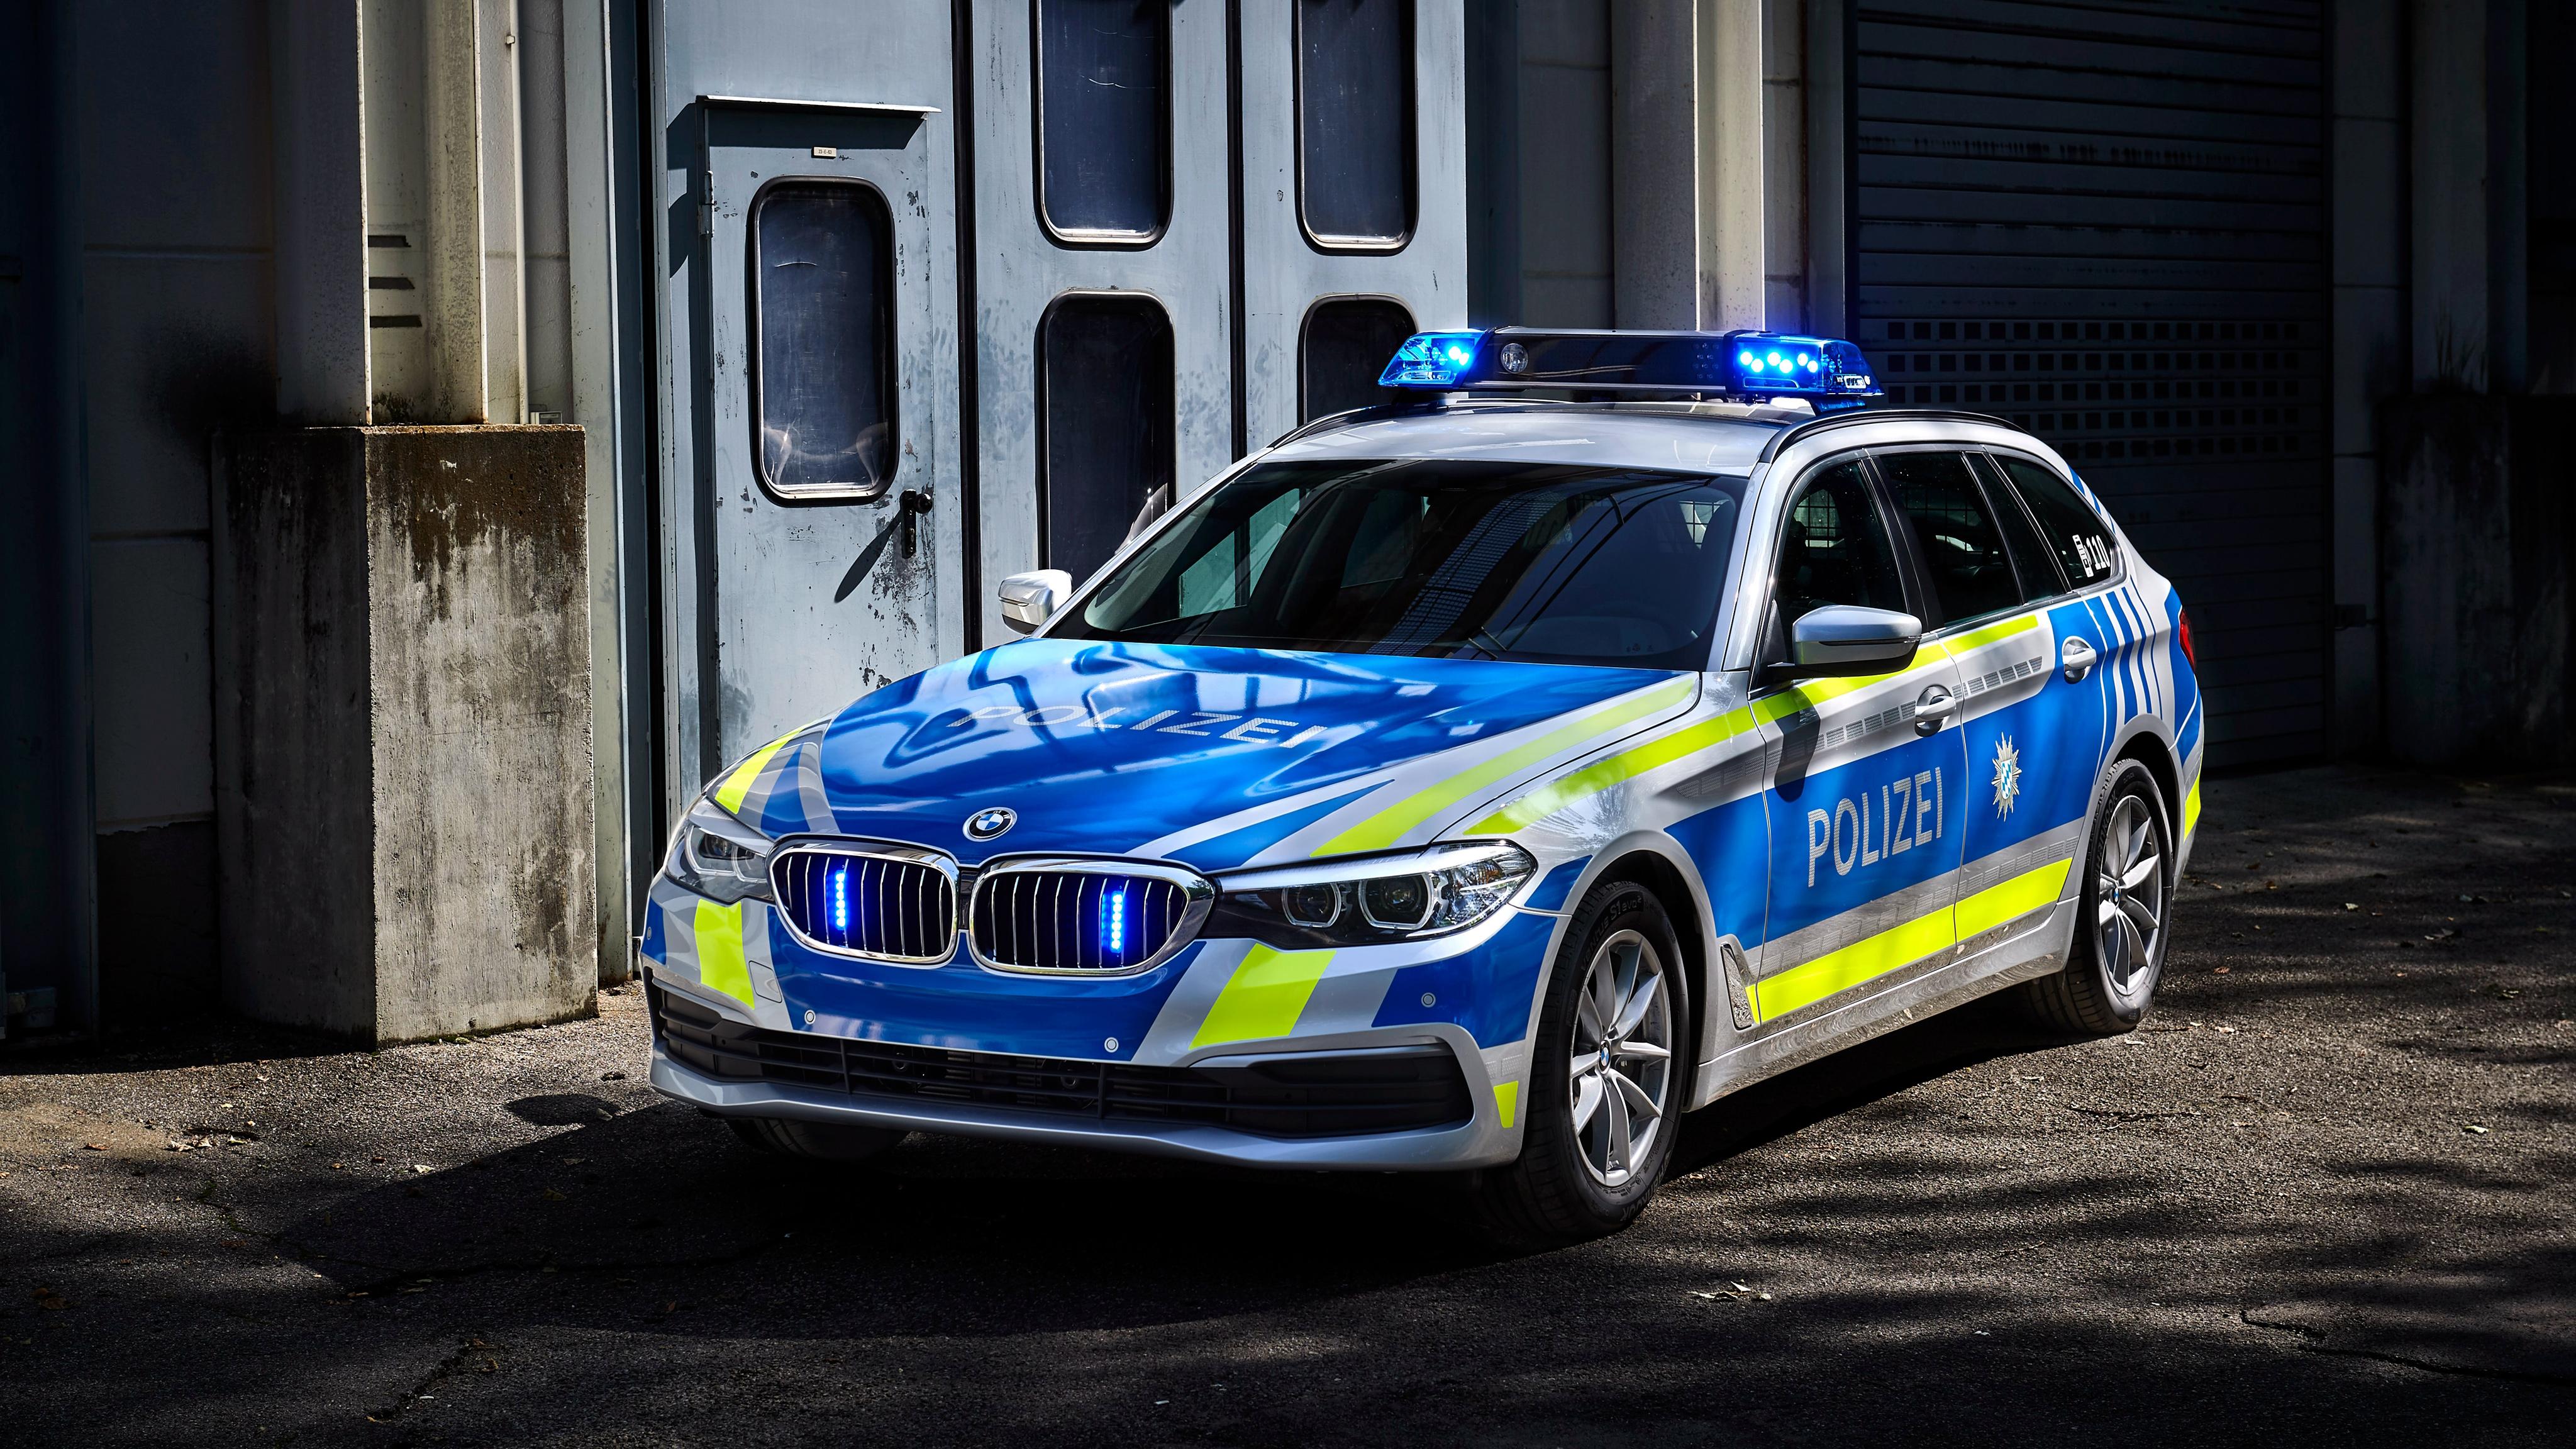 Polizei Hintergrundbilder